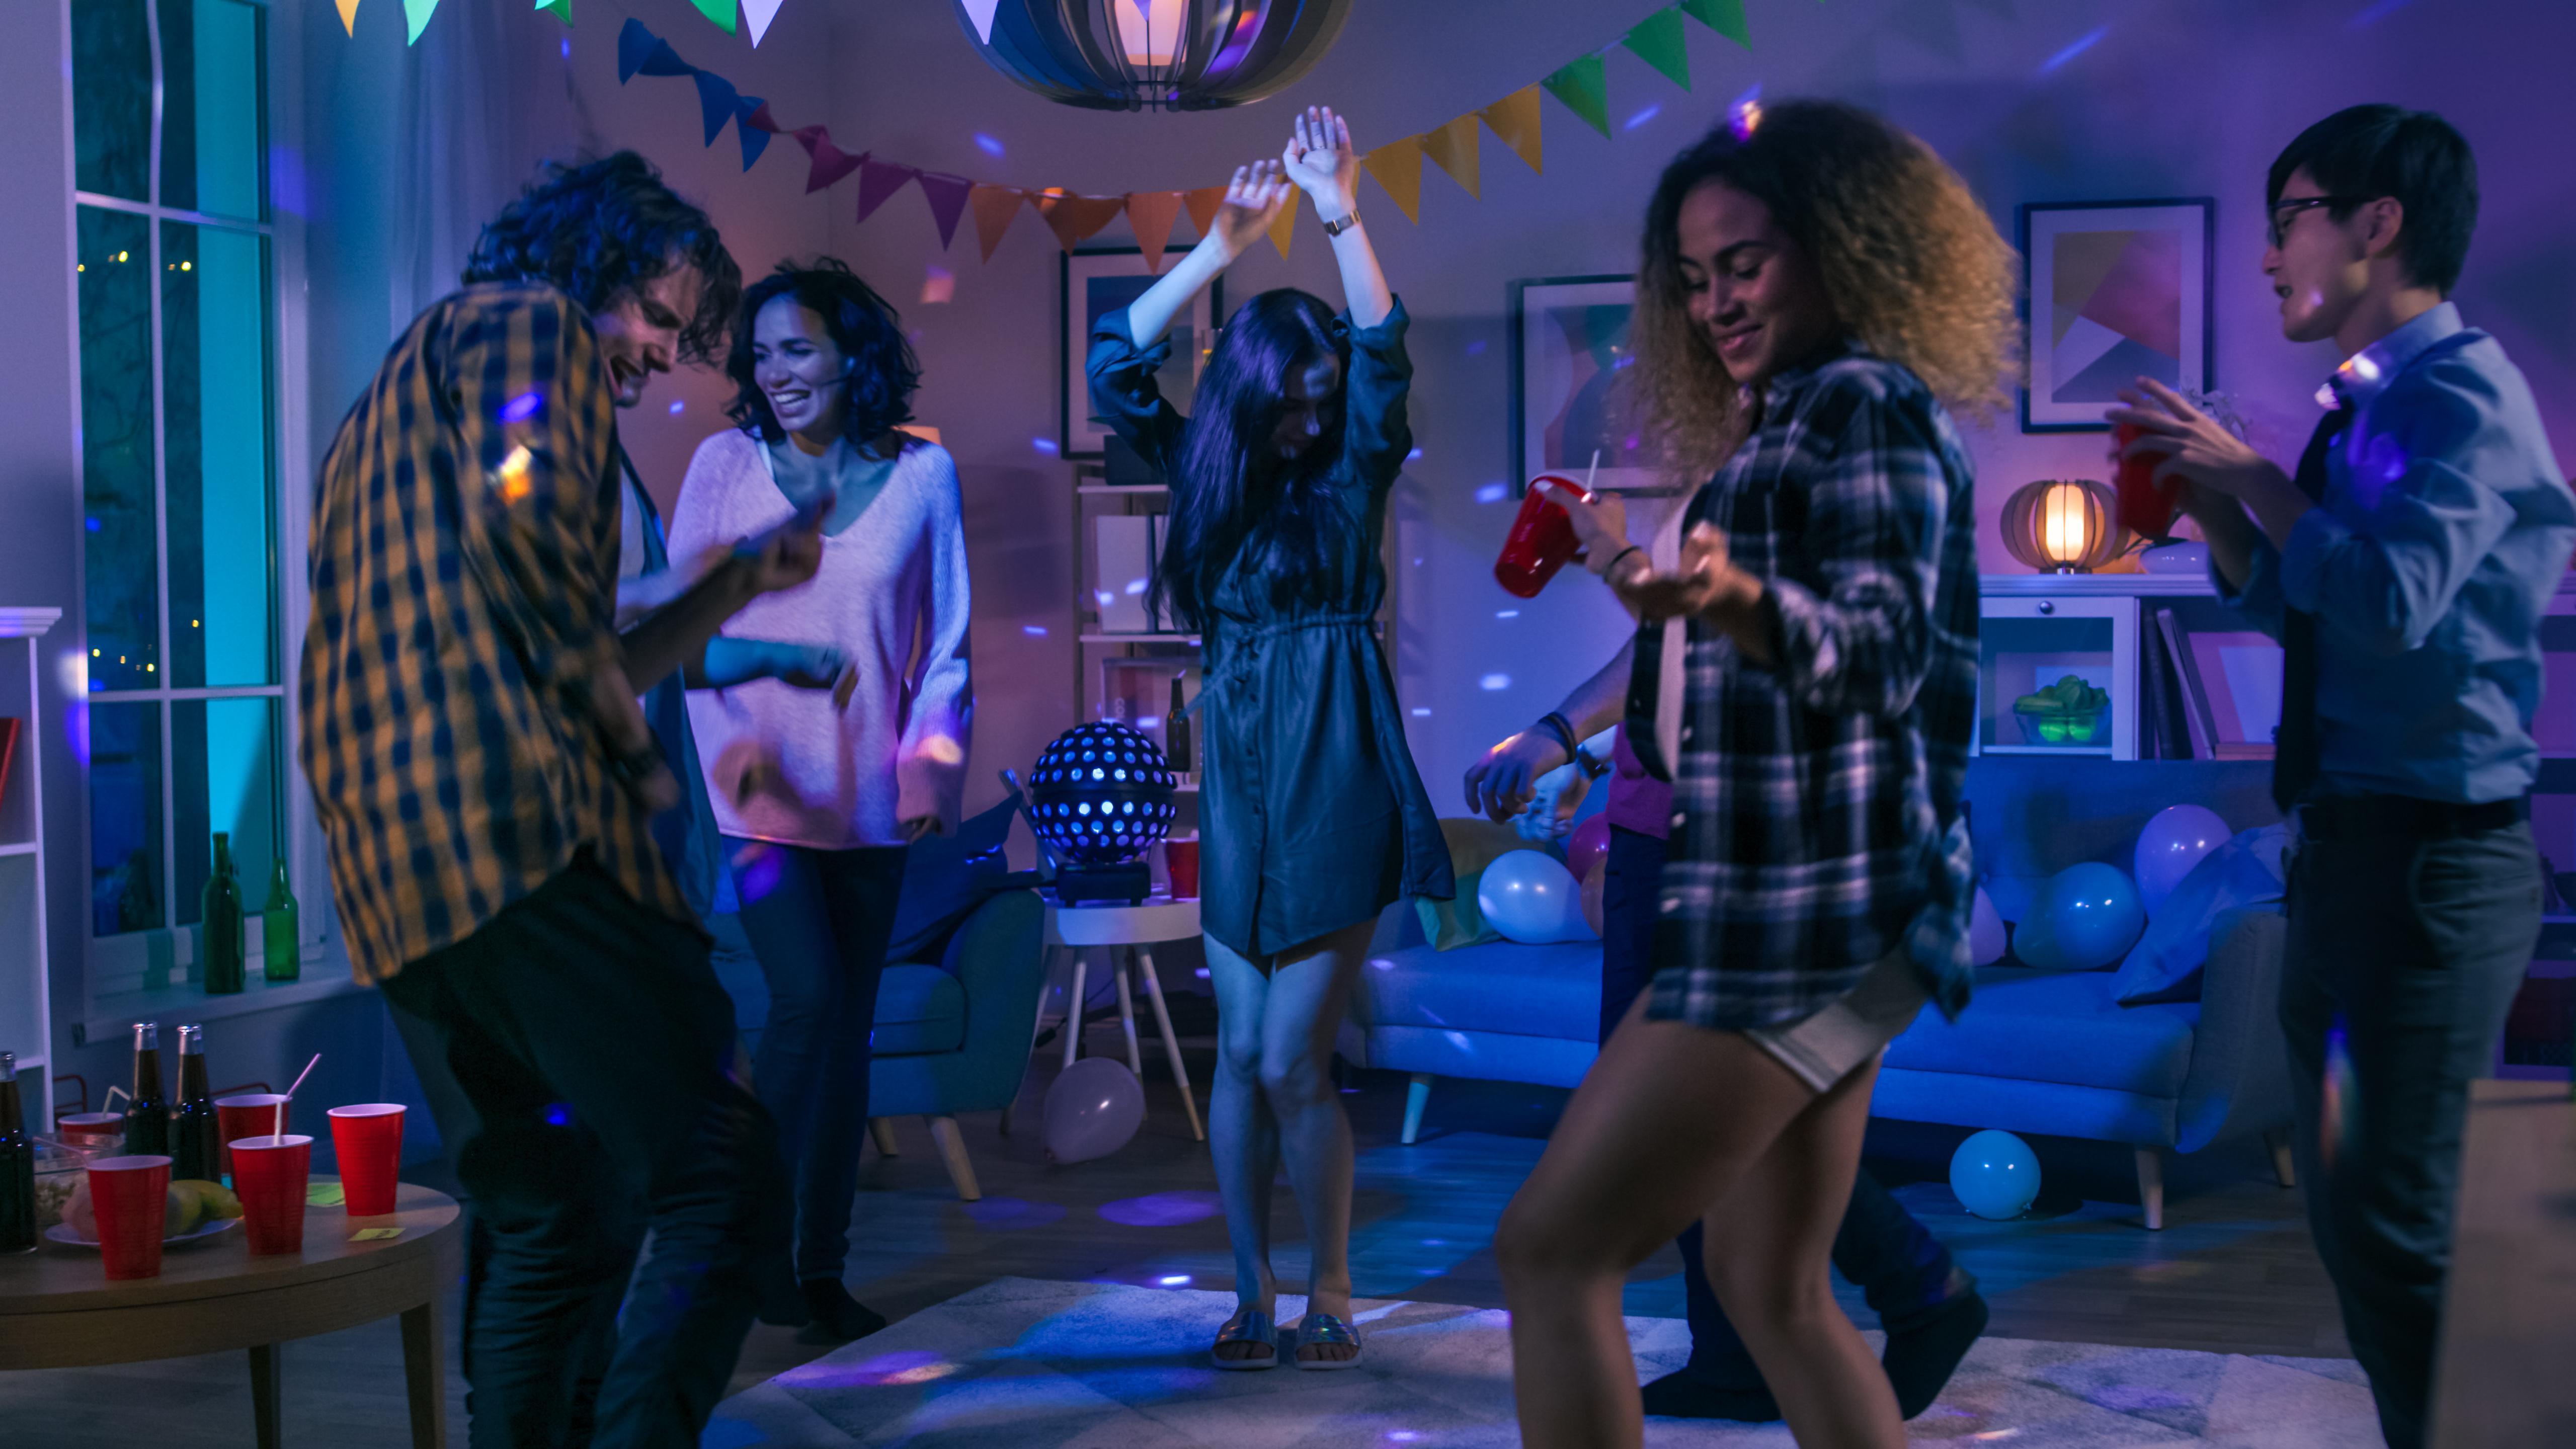 festa in casa giochi alcolici